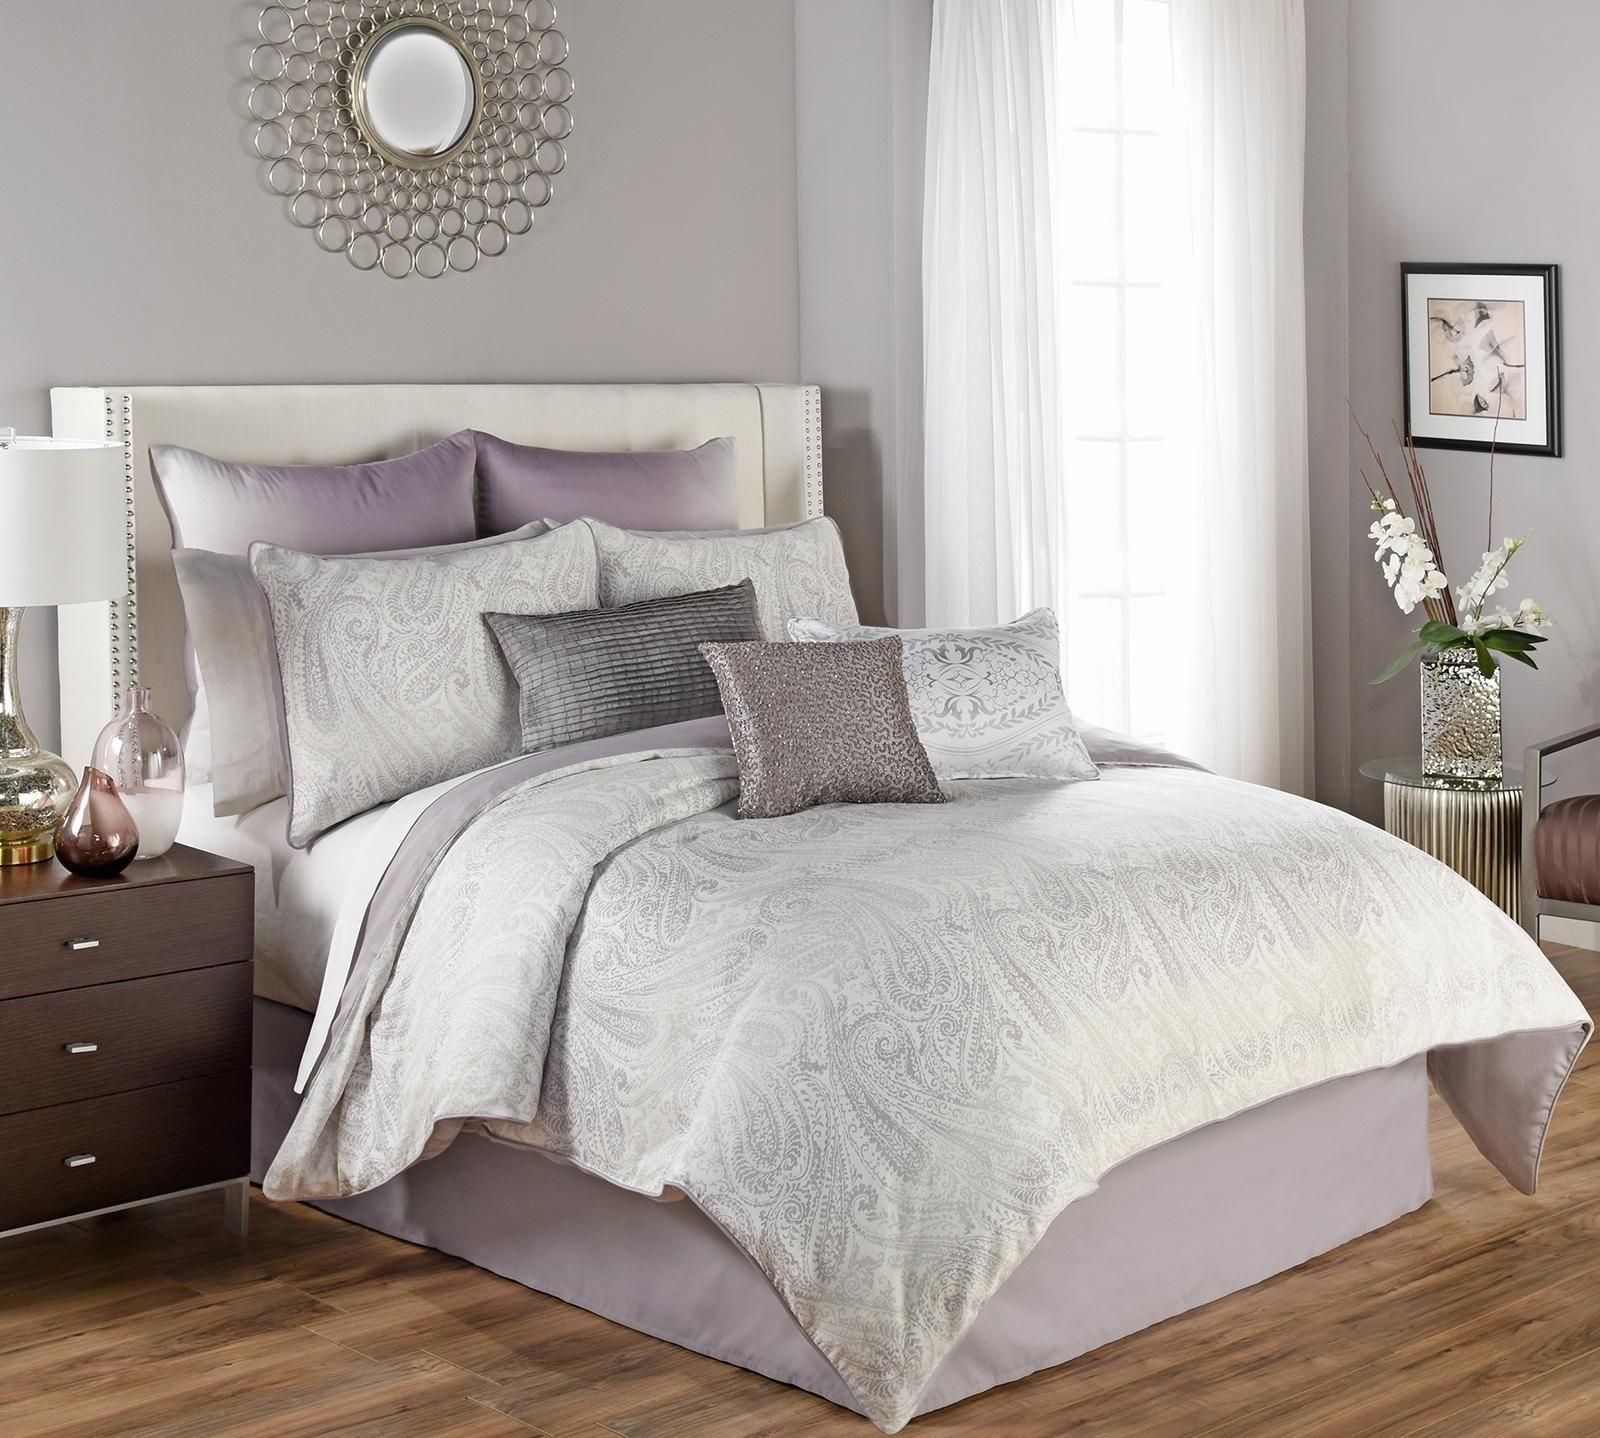 Best Henriette 4 Piece Comforter Set Queen Comforter Sets 400 x 300